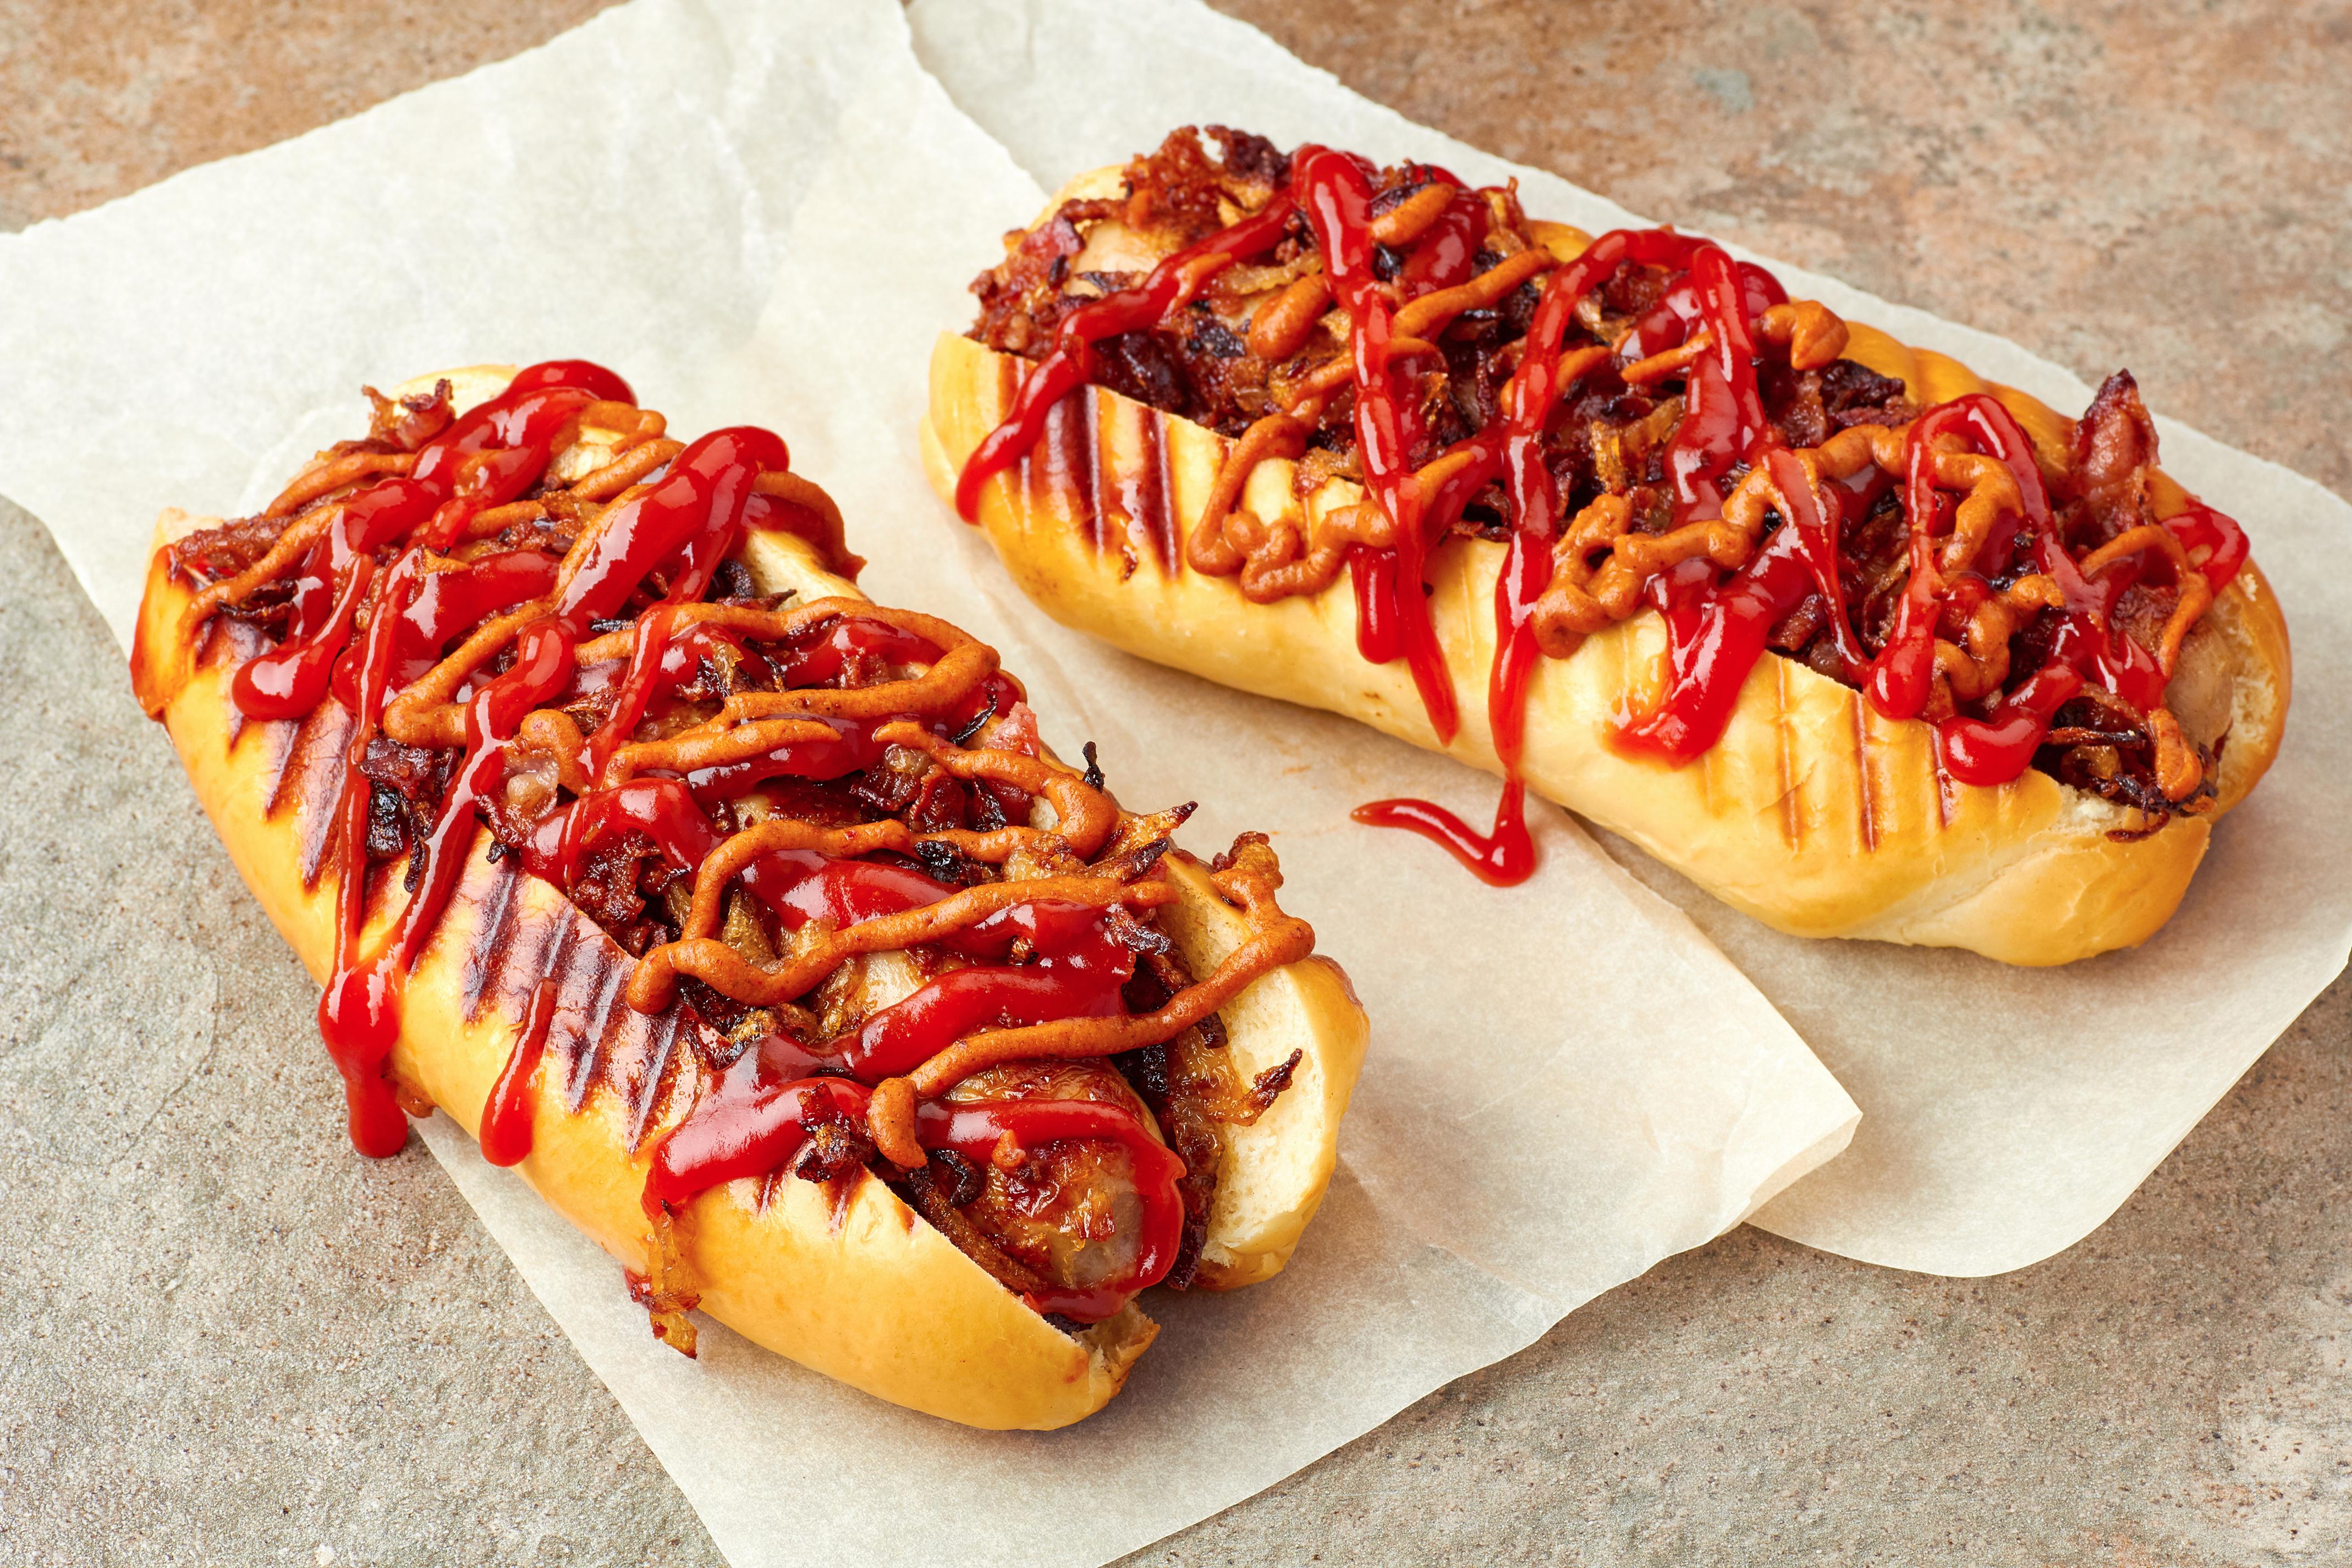 Фото Двое Хот-дог Булочки кетчупом Быстрое питание Еда 4276x2851 2 два две вдвоем Кетчуп кетчупа Фастфуд Пища Продукты питания